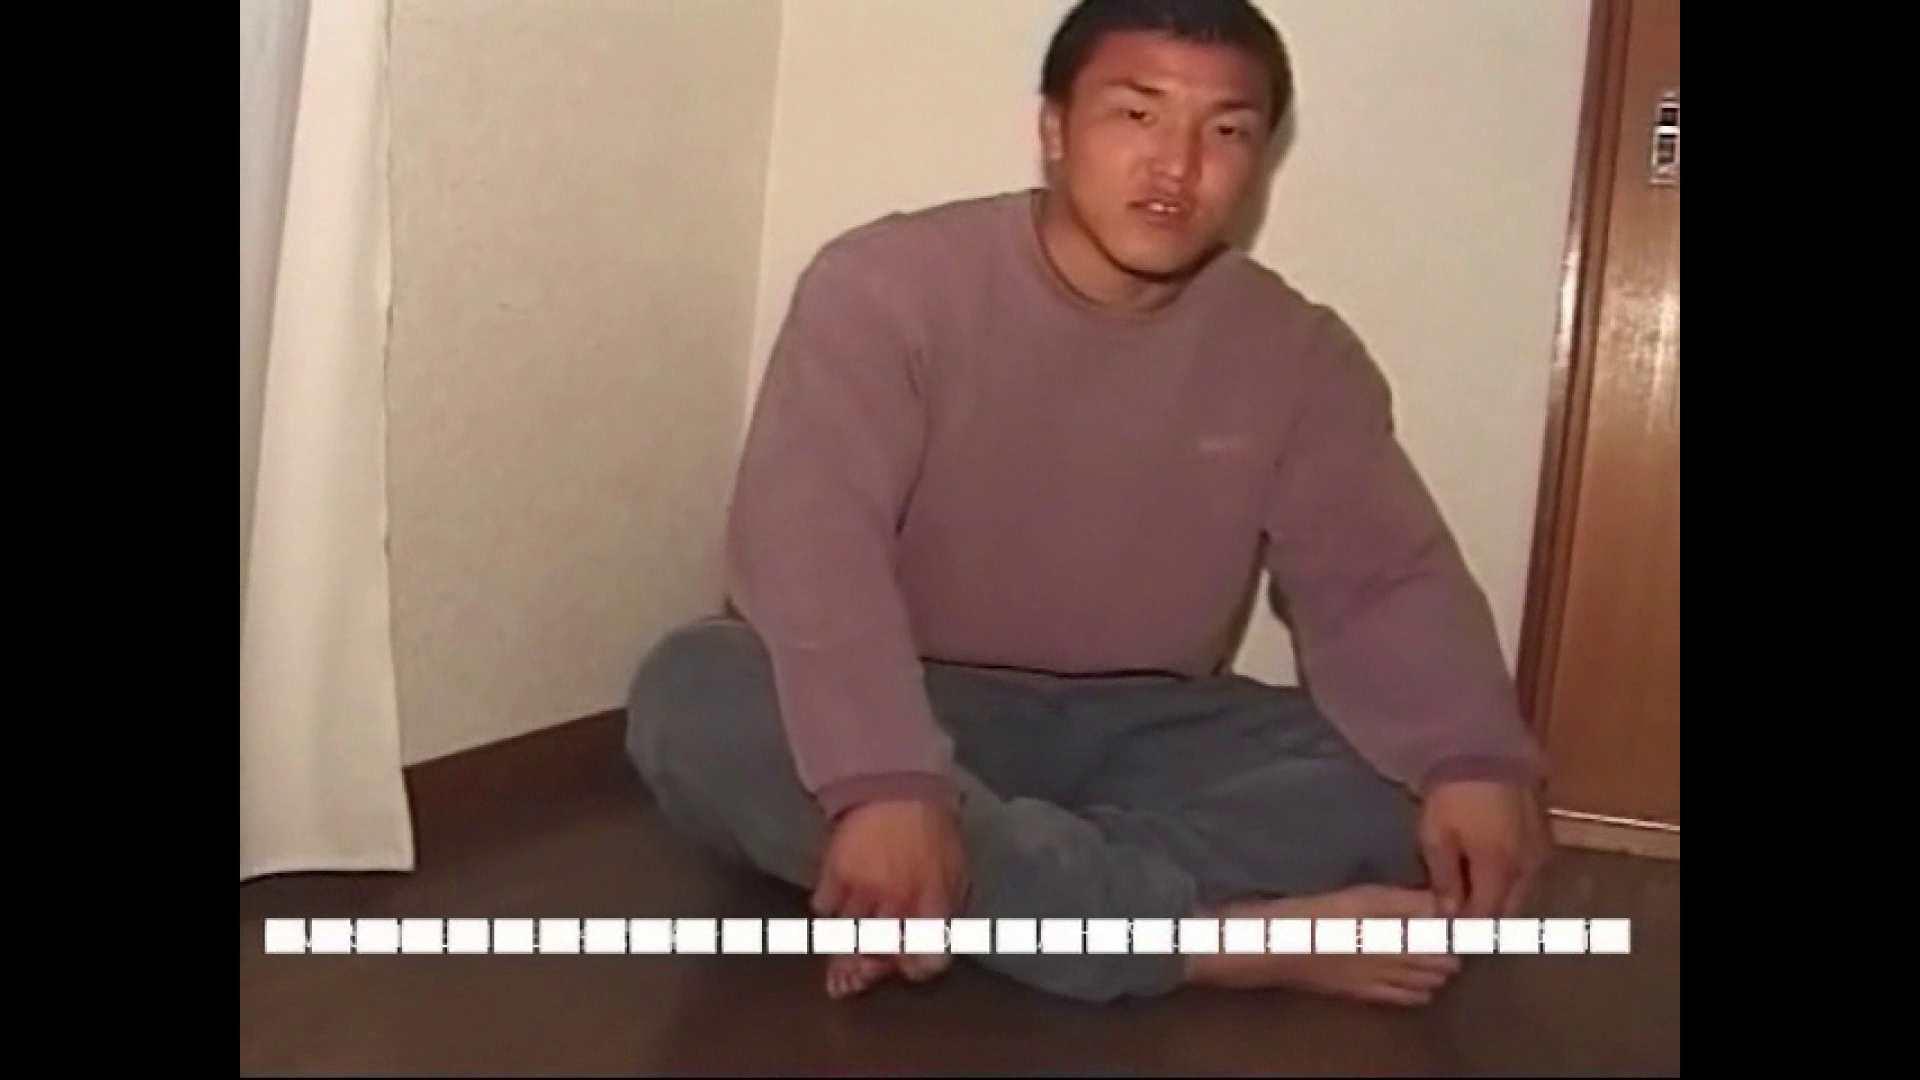 オナれ!集まれ!イケてるメンズ達!!File.28 男・男・男 ゲイフリーエロ画像 111枚 3